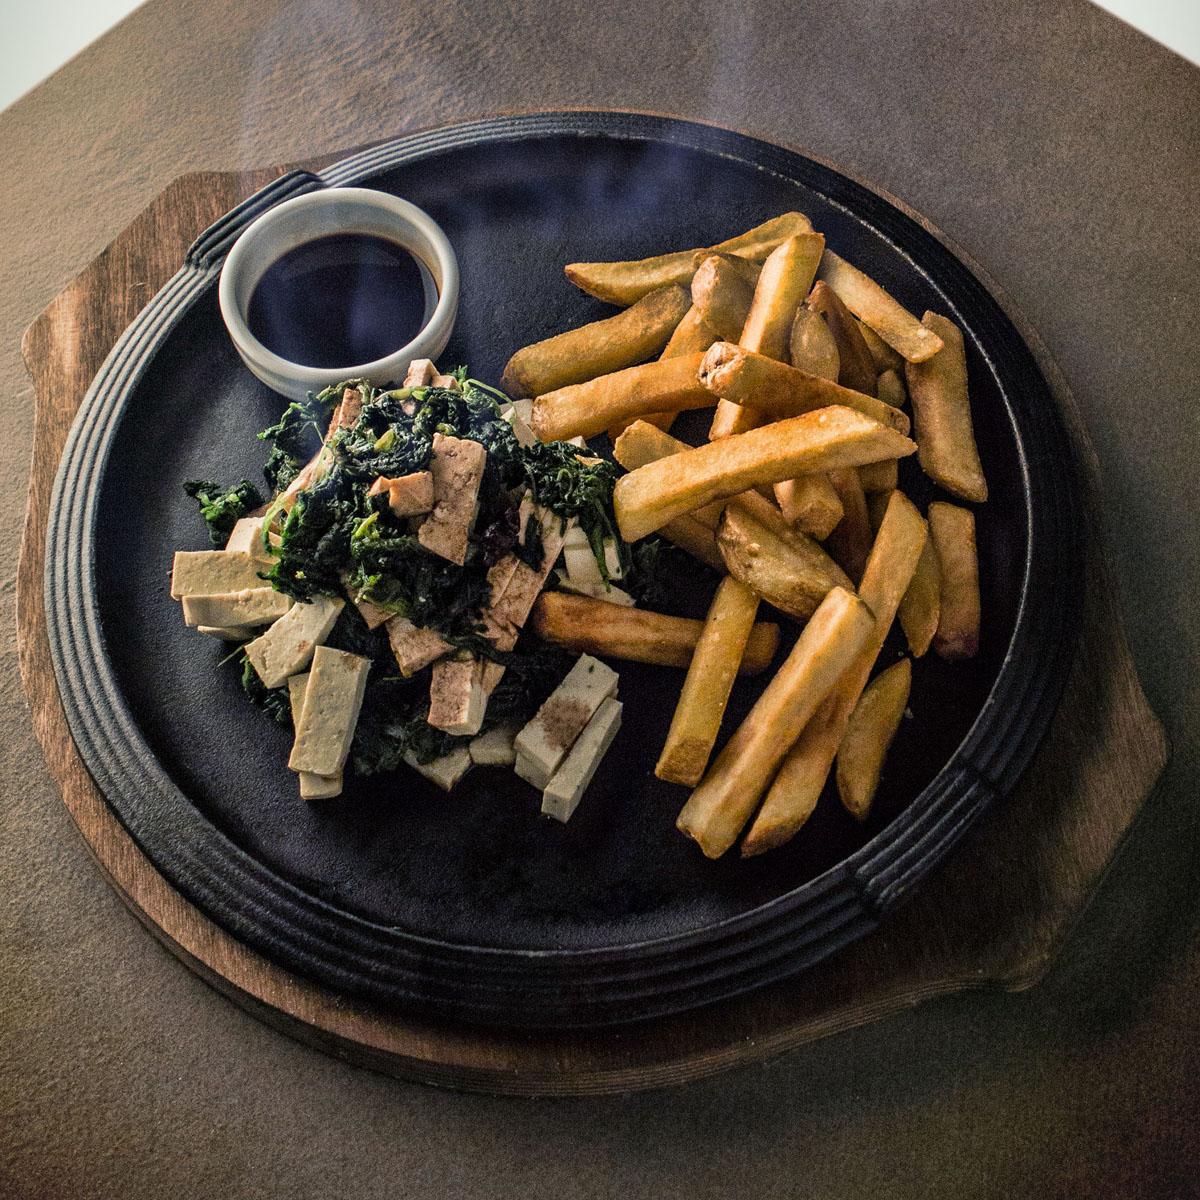 Straccetti di tofu saltati in padella con salsa di soya e spinacini novelli